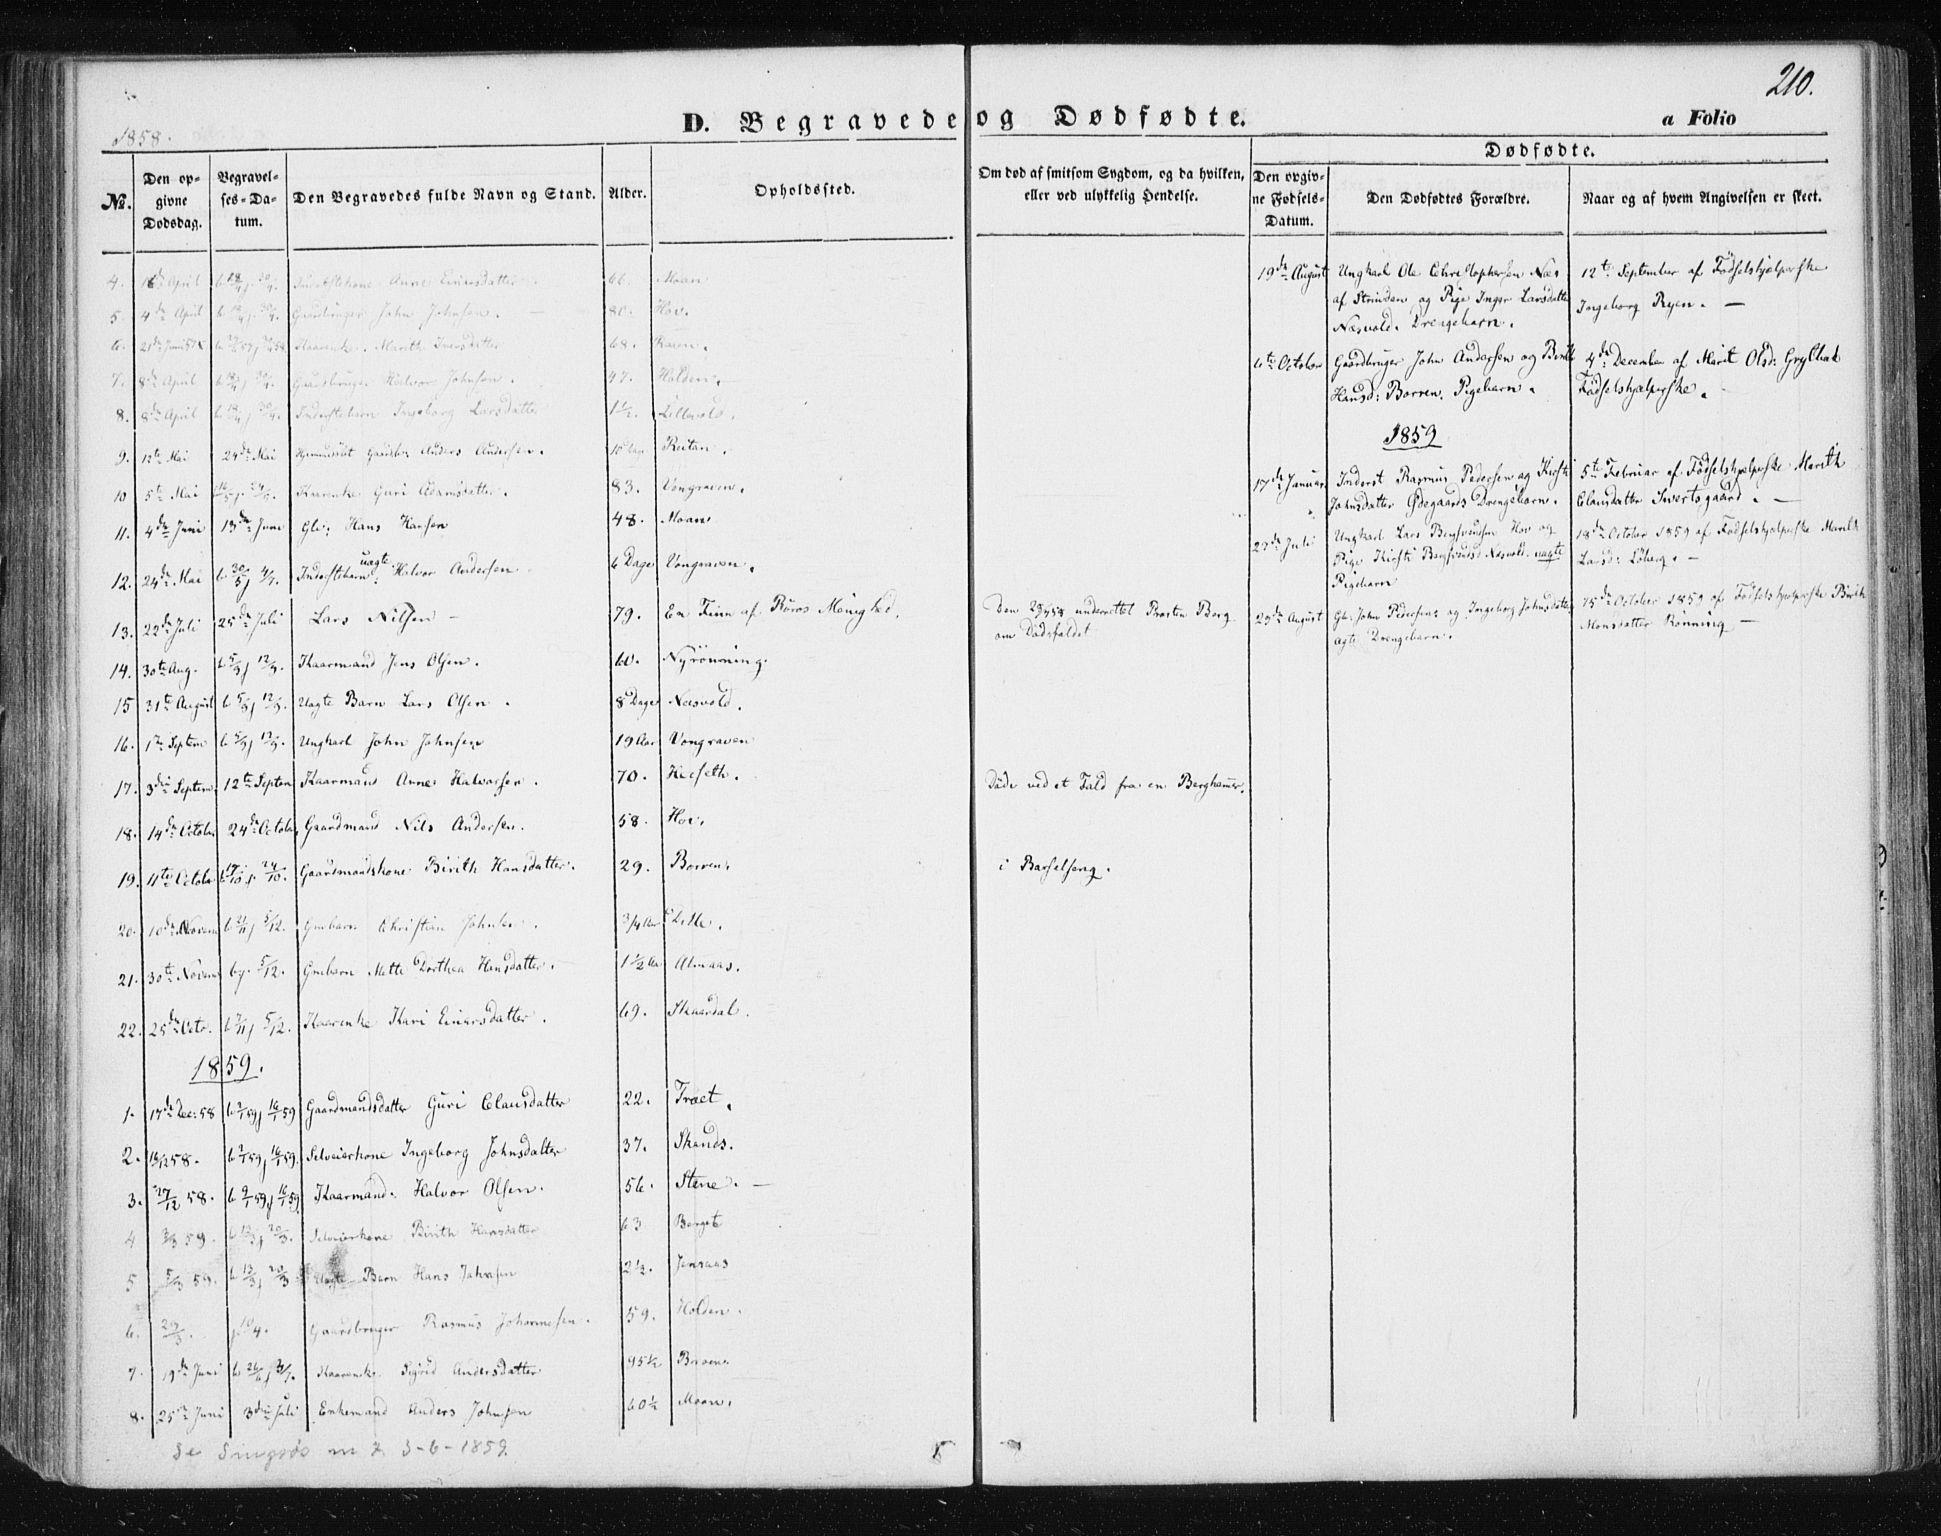 SAT, Ministerialprotokoller, klokkerbøker og fødselsregistre - Sør-Trøndelag, 685/L0965: Ministerialbok nr. 685A06 /3, 1846-1859, s. 210